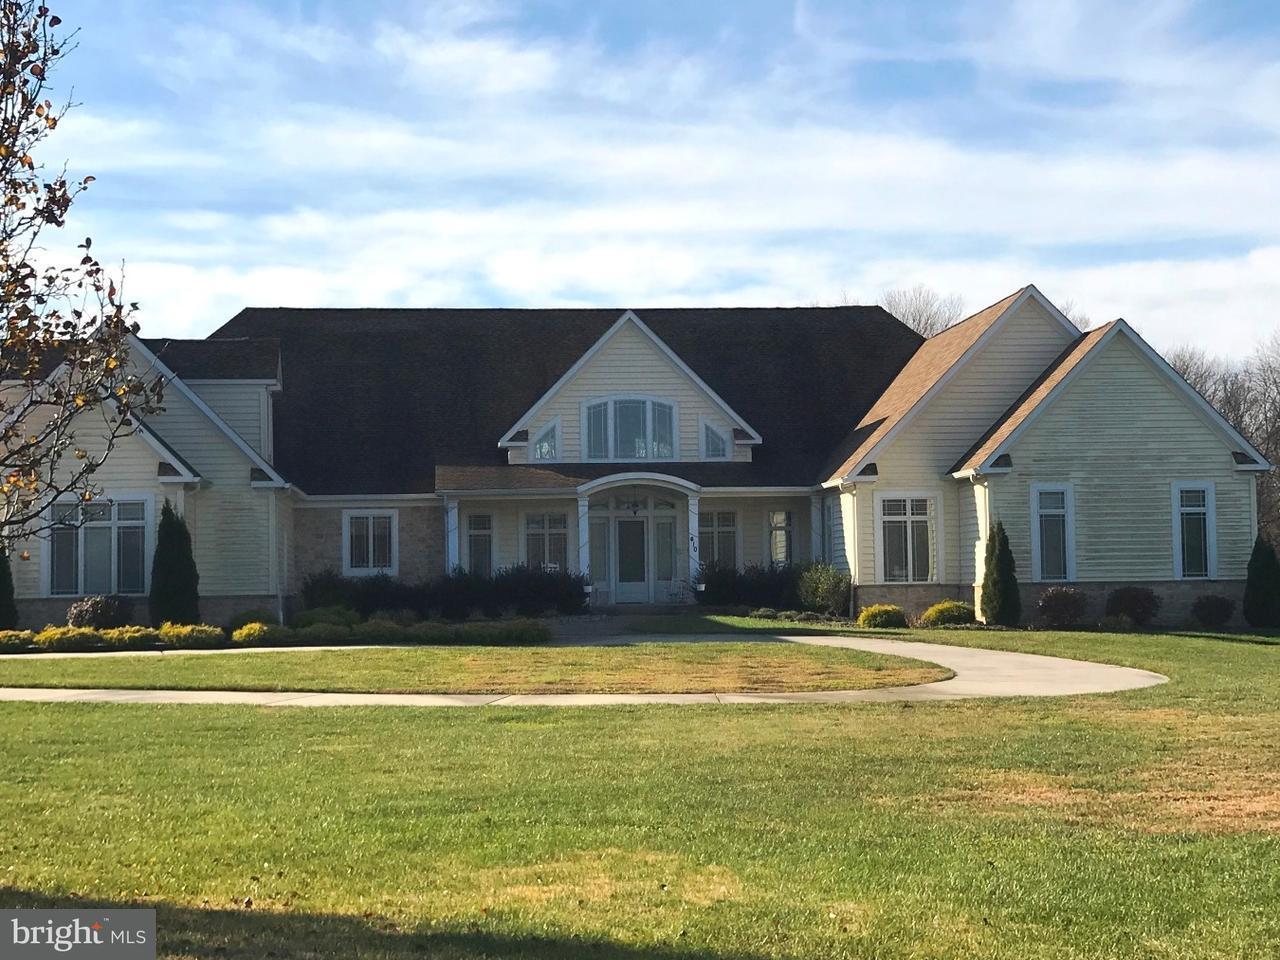 Maison unifamiliale pour l Vente à 410 WHIG Lane Glassboro, New Jersey 08028 États-Unis